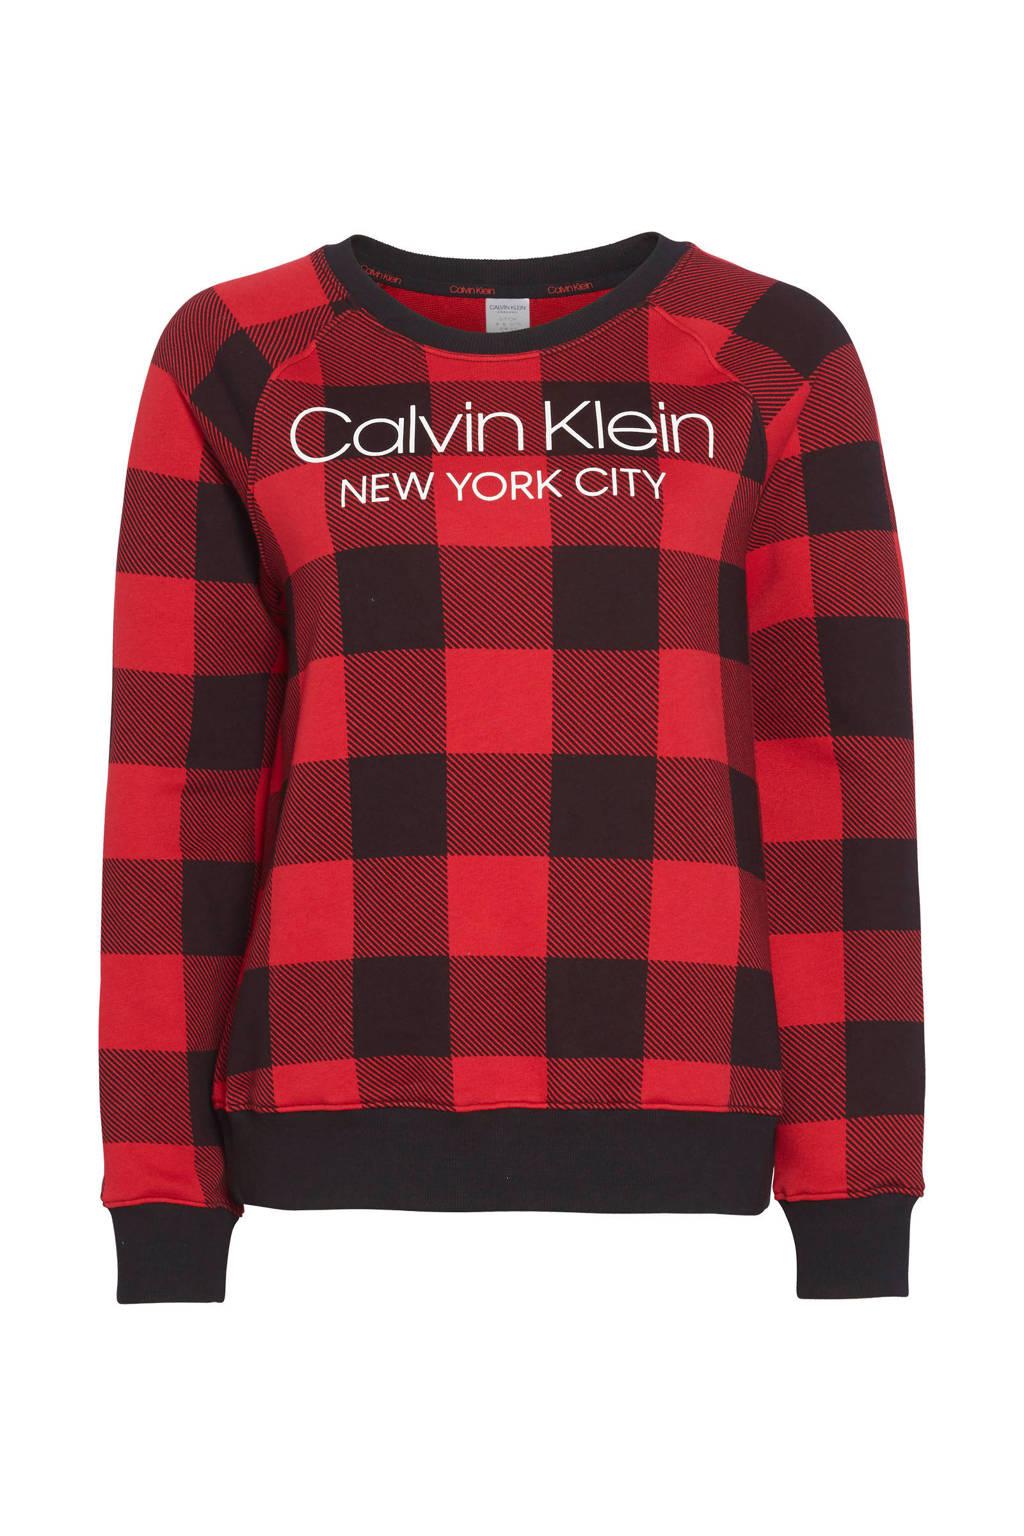 CALVIN KLEIN UNDERWEAR geruite loungetop rood/zwart, Rood/zwart